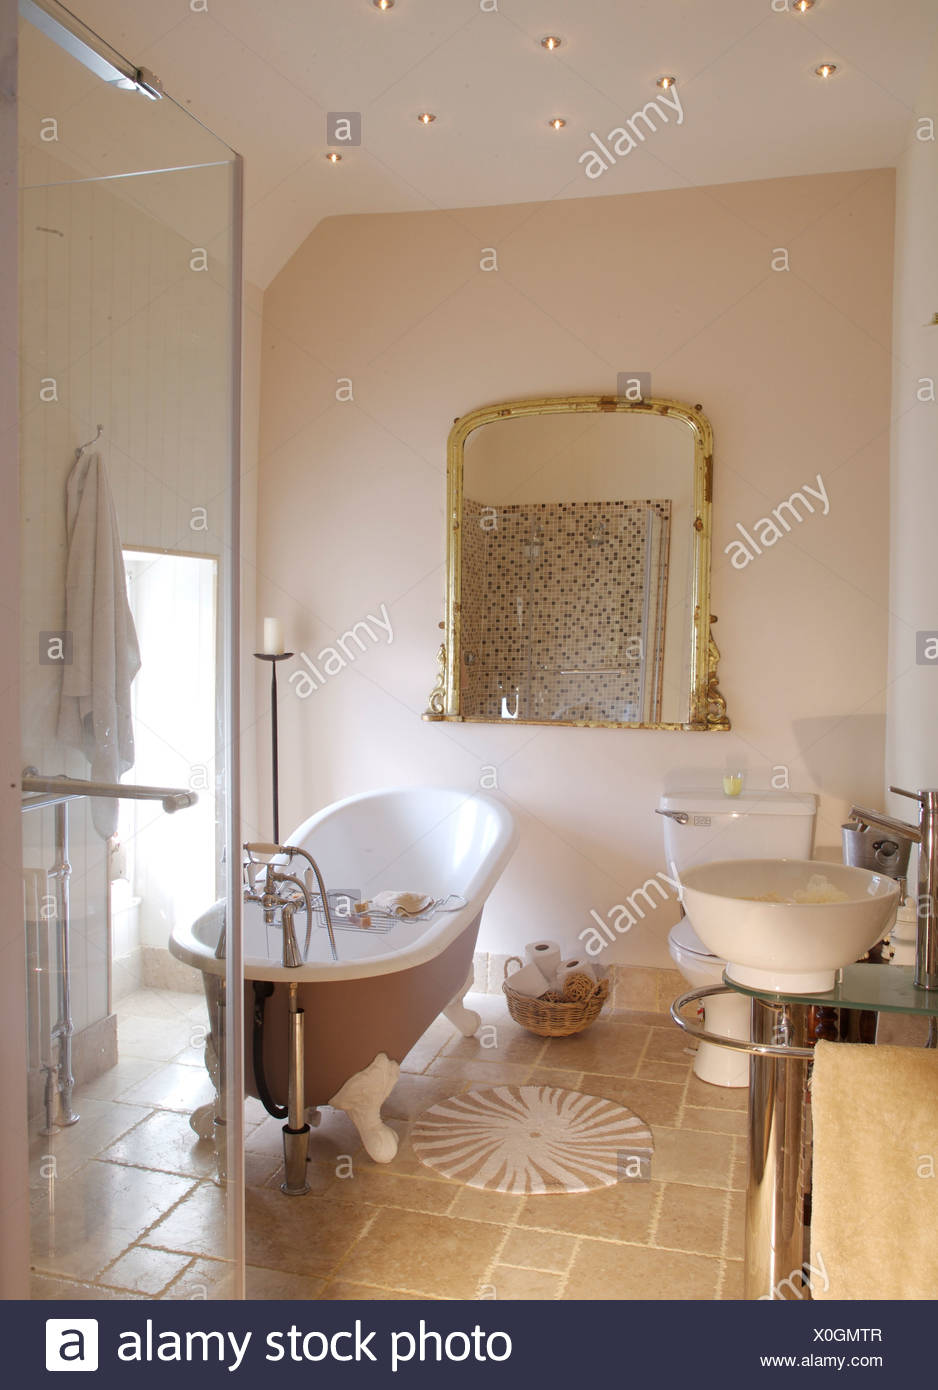 Roll top bagno e grande vetro cabina doccia nel bagno moderno con grande specchio antico e - Bagno moderno con doccia ...